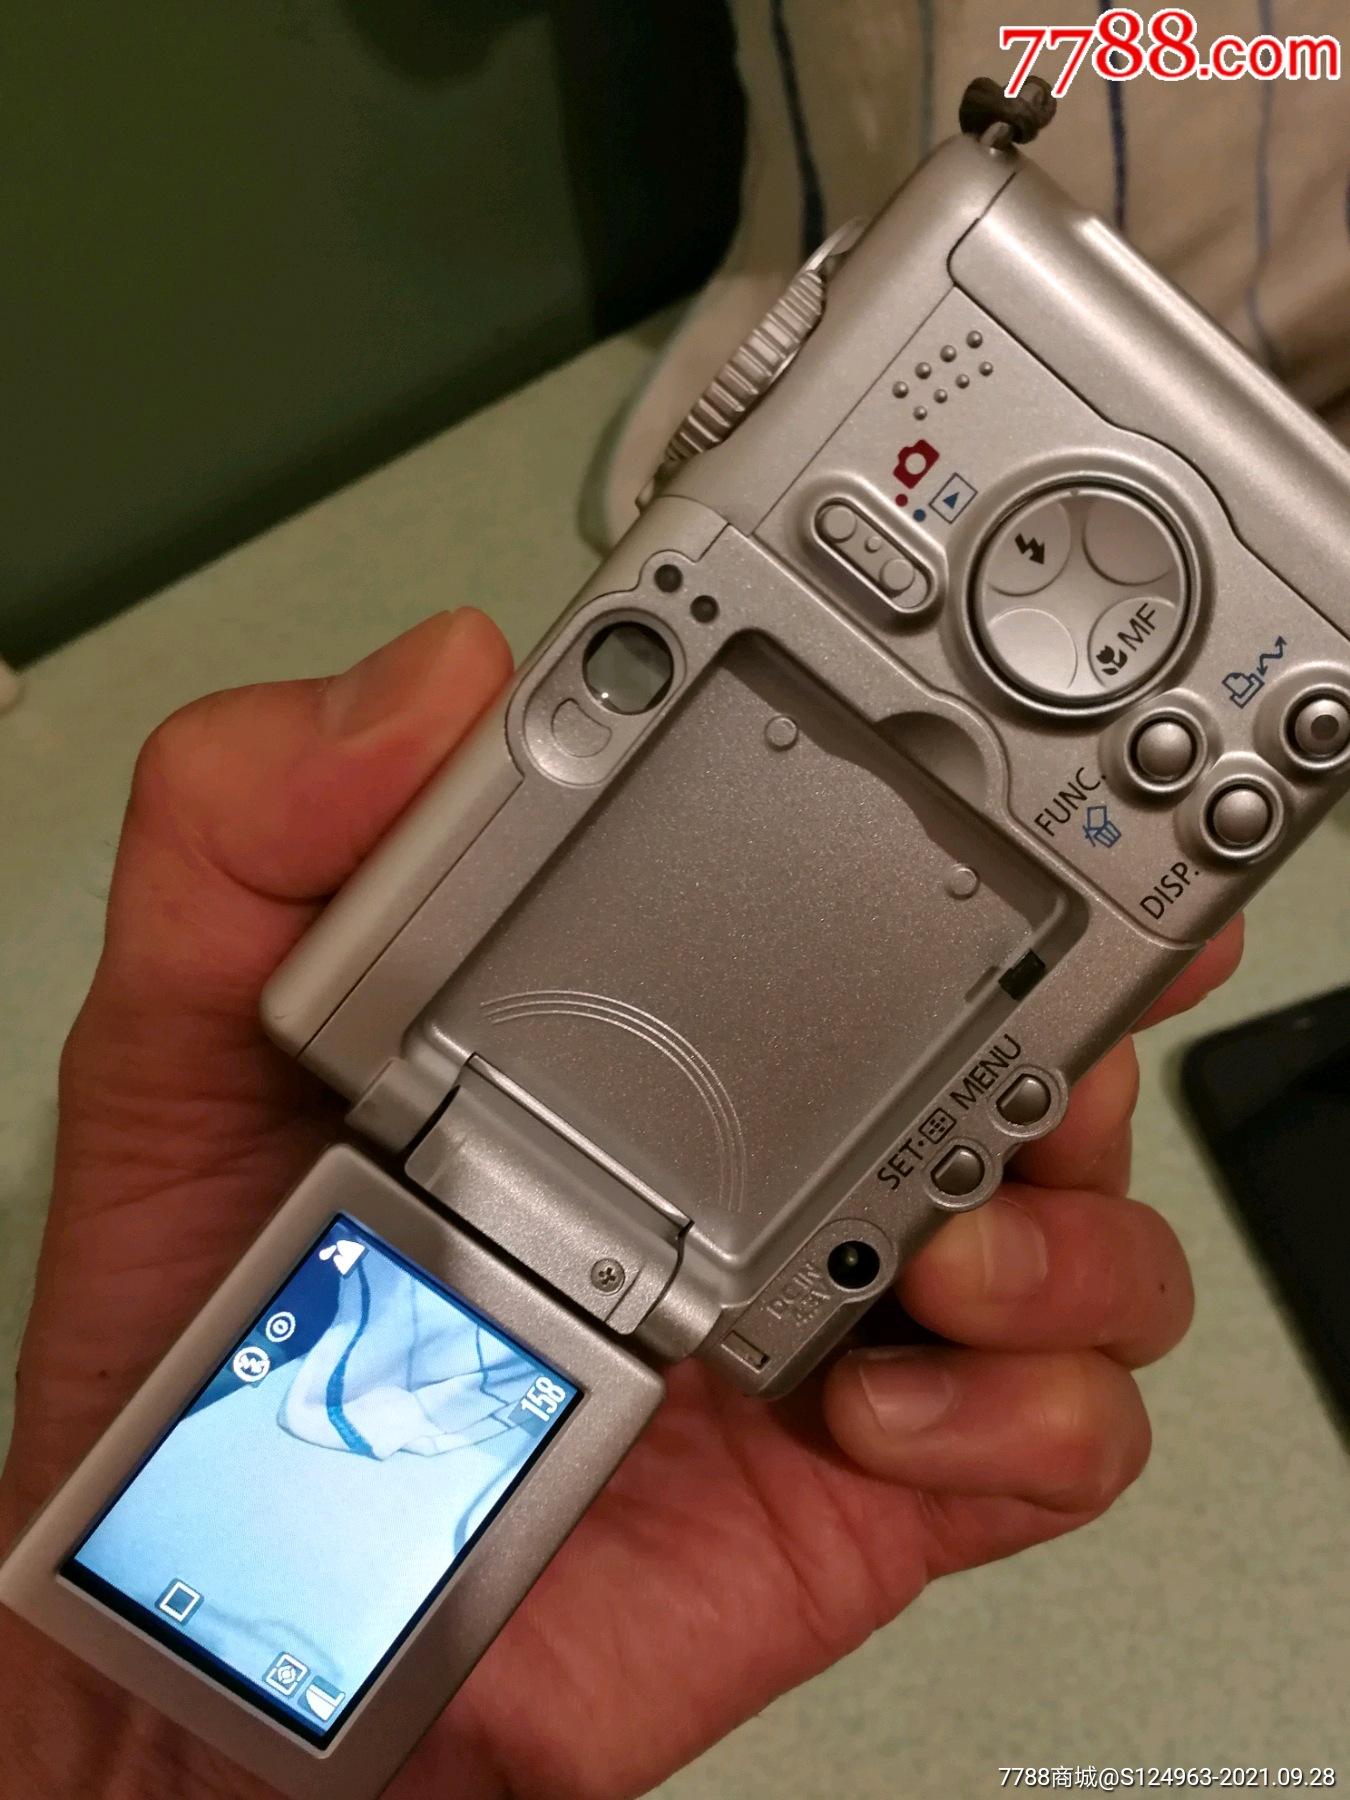 Canonp1099日本原装佳能相机_价格160元_第1张_